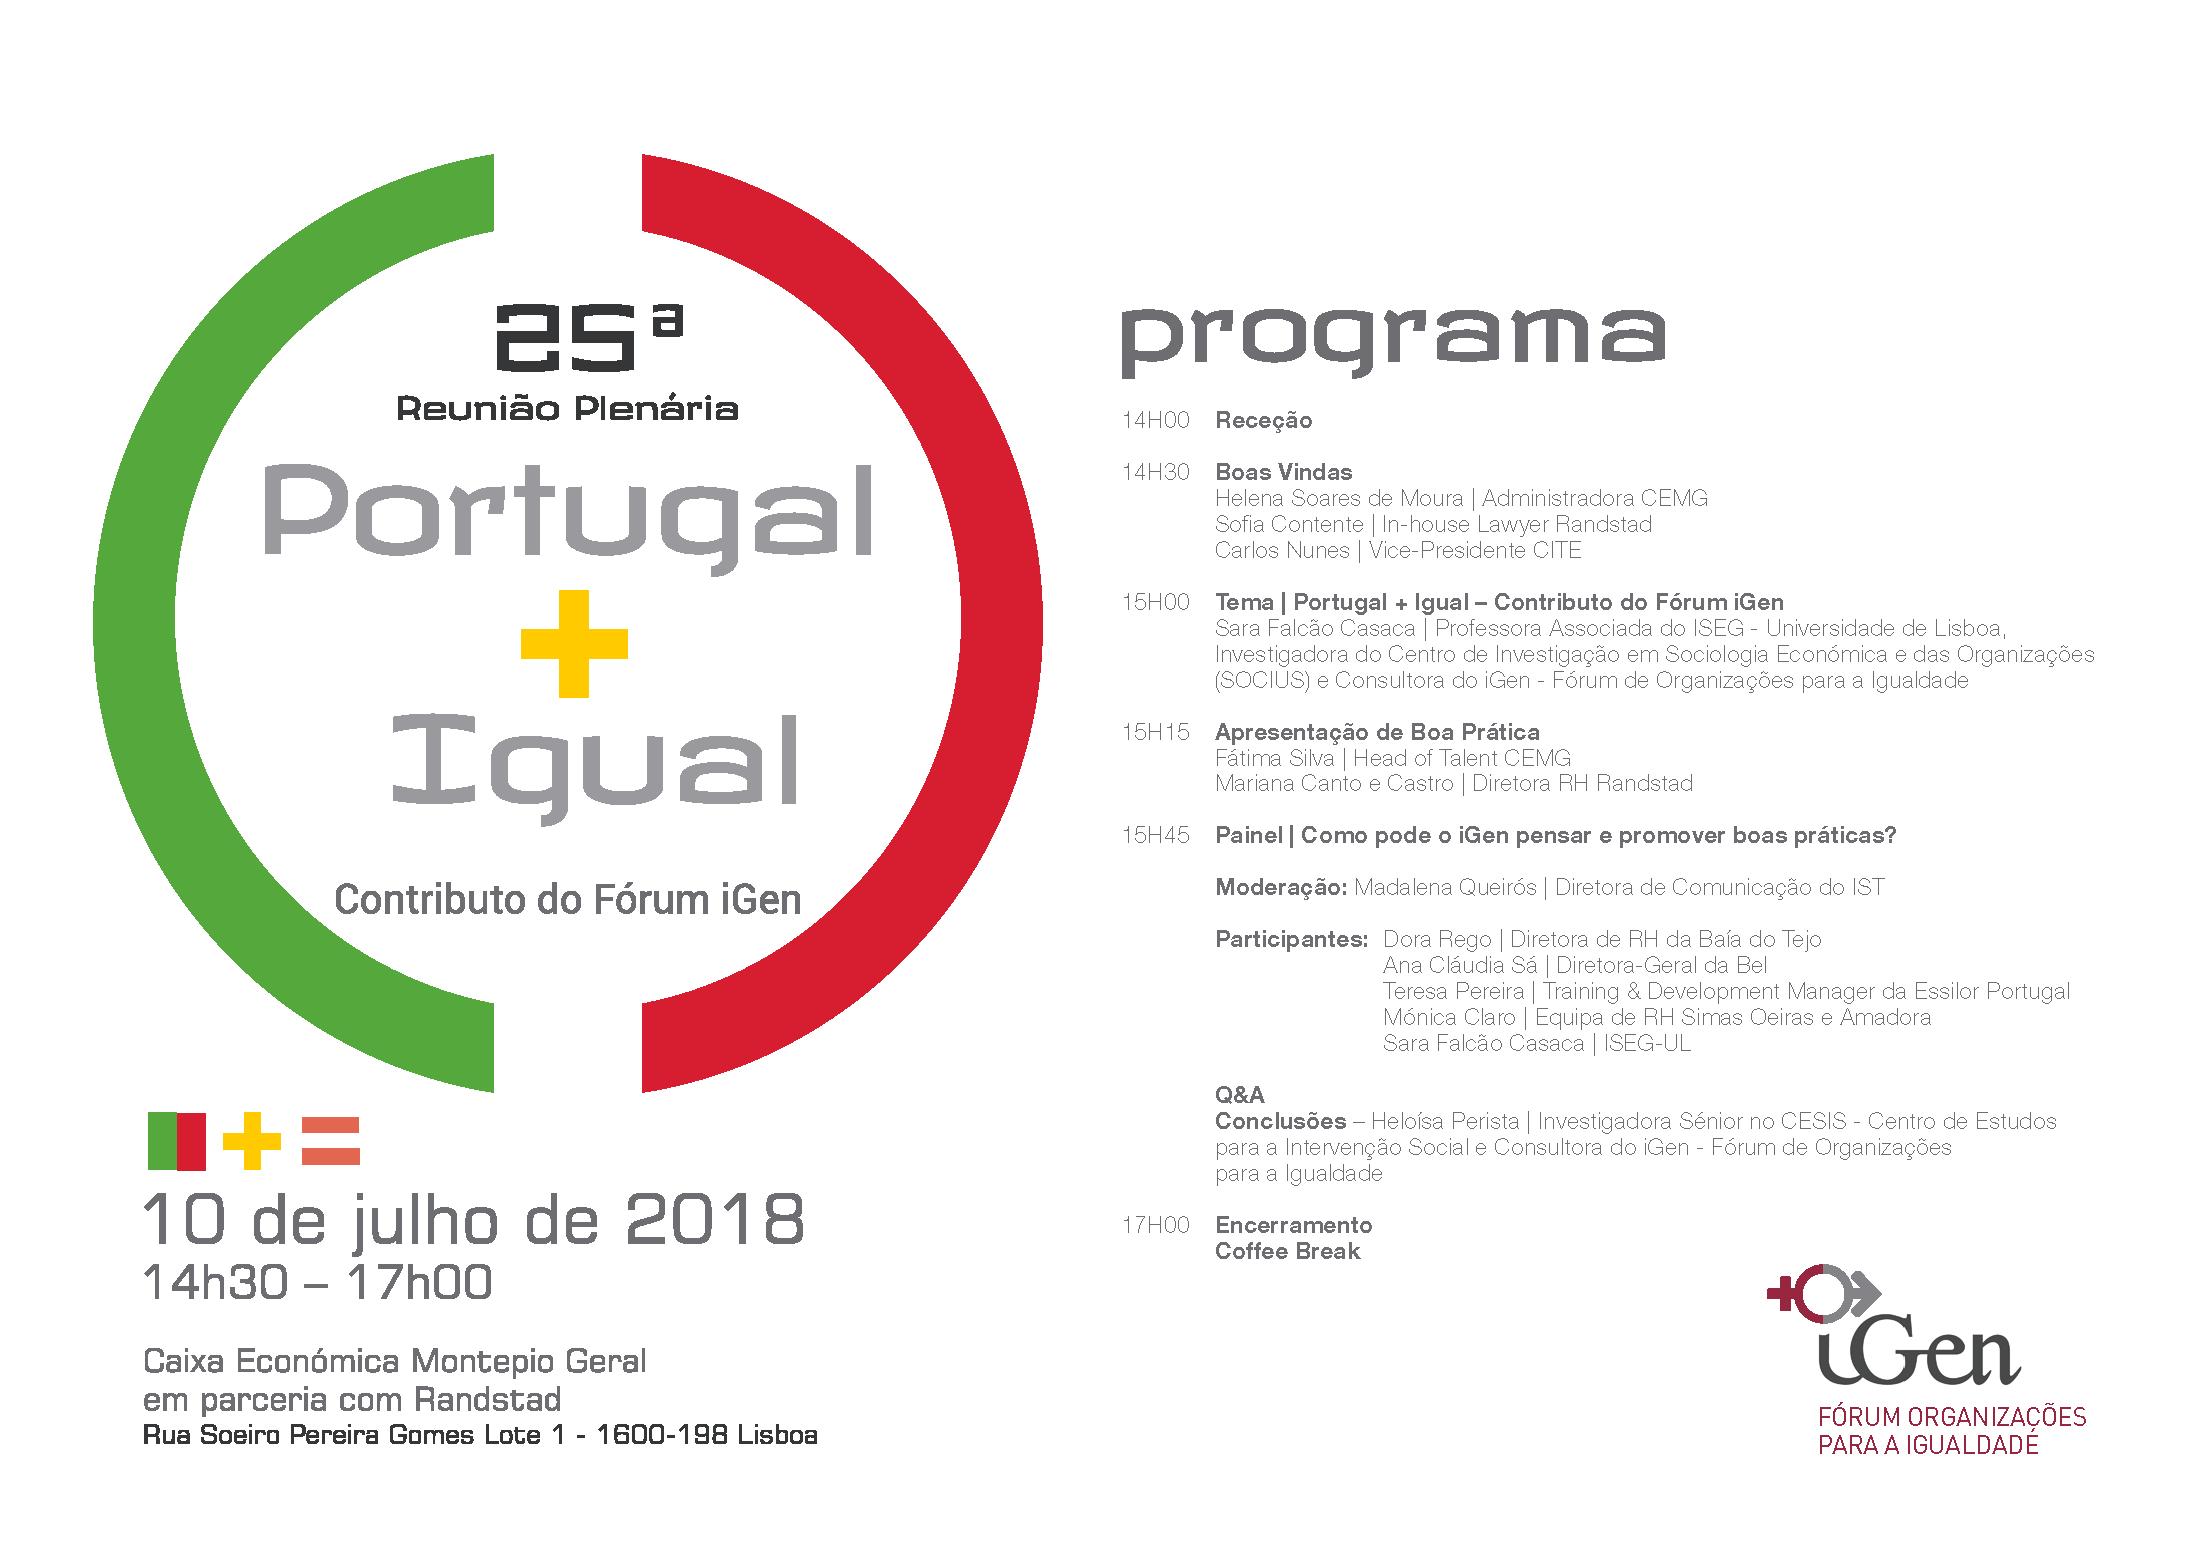 Programa 25ª Plenária